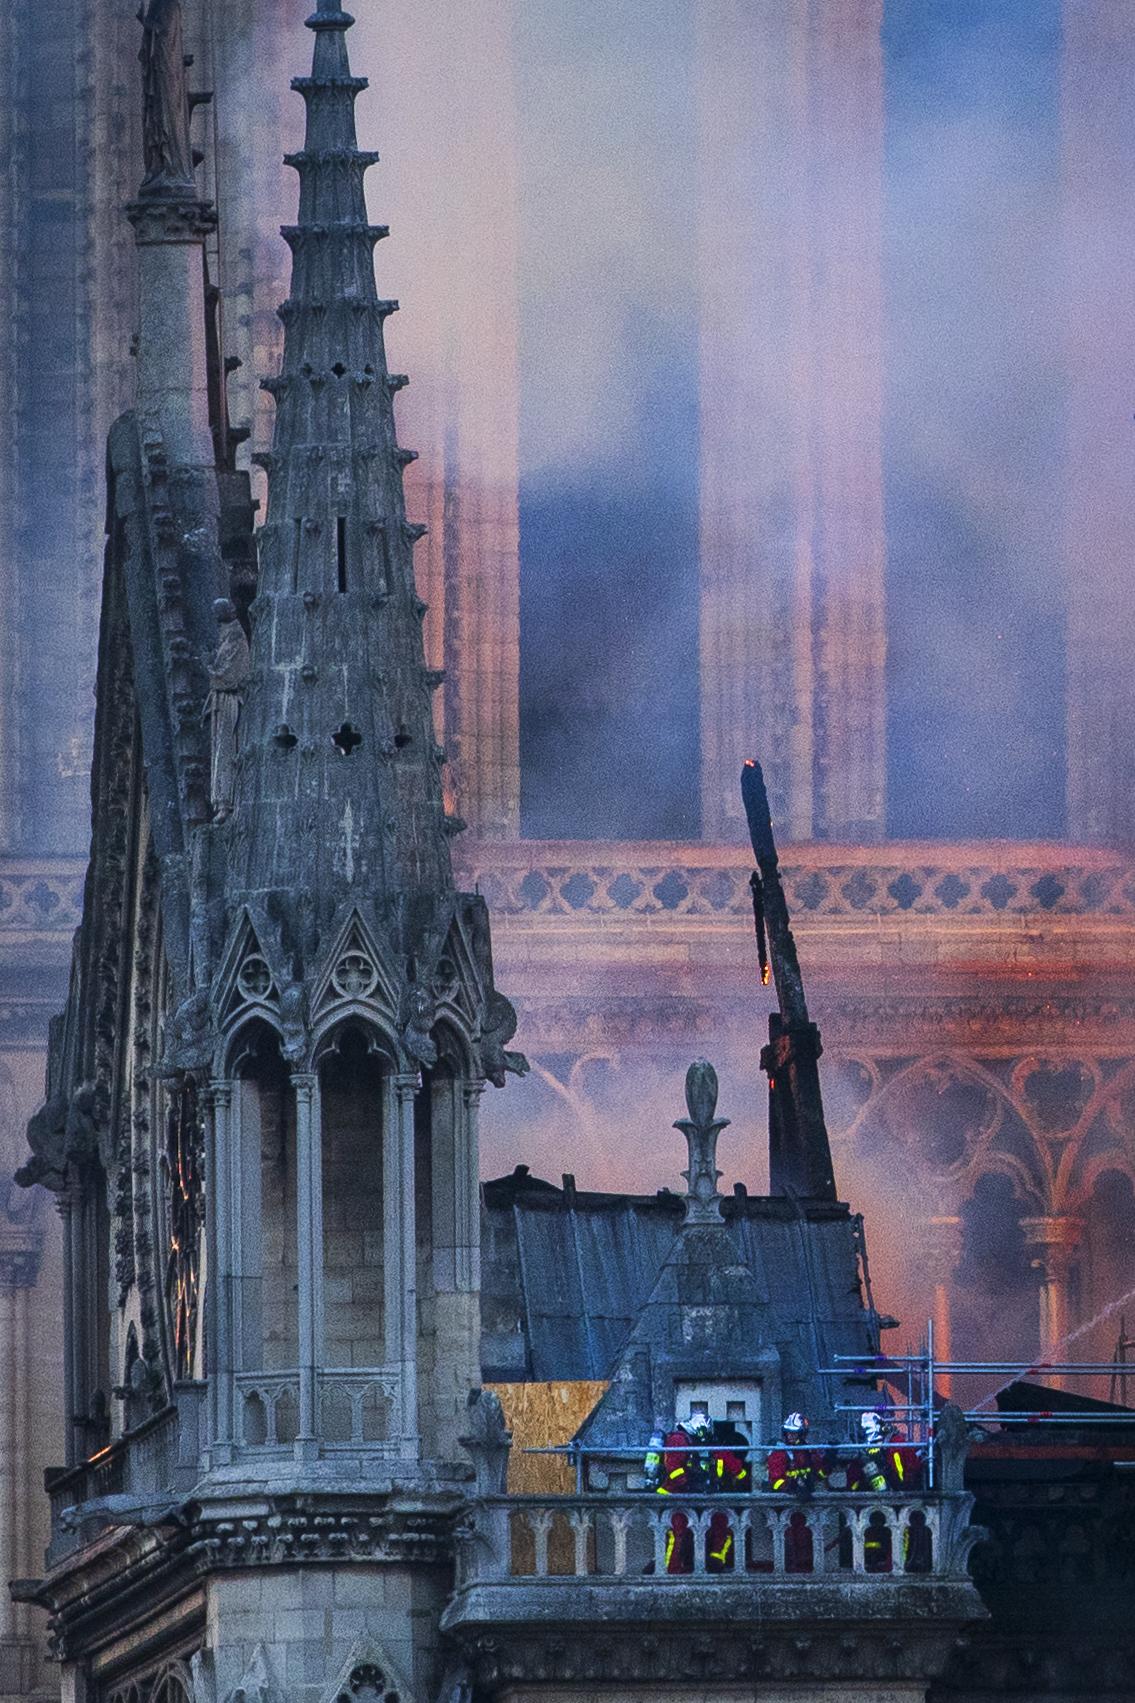 Notre Dame Fire 15/April/2019  PHOTOGRAPHY: ALEXANDER J.E. BRADLEY • NIKON D500 • AF-S NIKKOR 70-200MM Ƒ/2.8 FL ED VR @ 200MM • Ƒ/5.6 • 1/500 • ISO 200